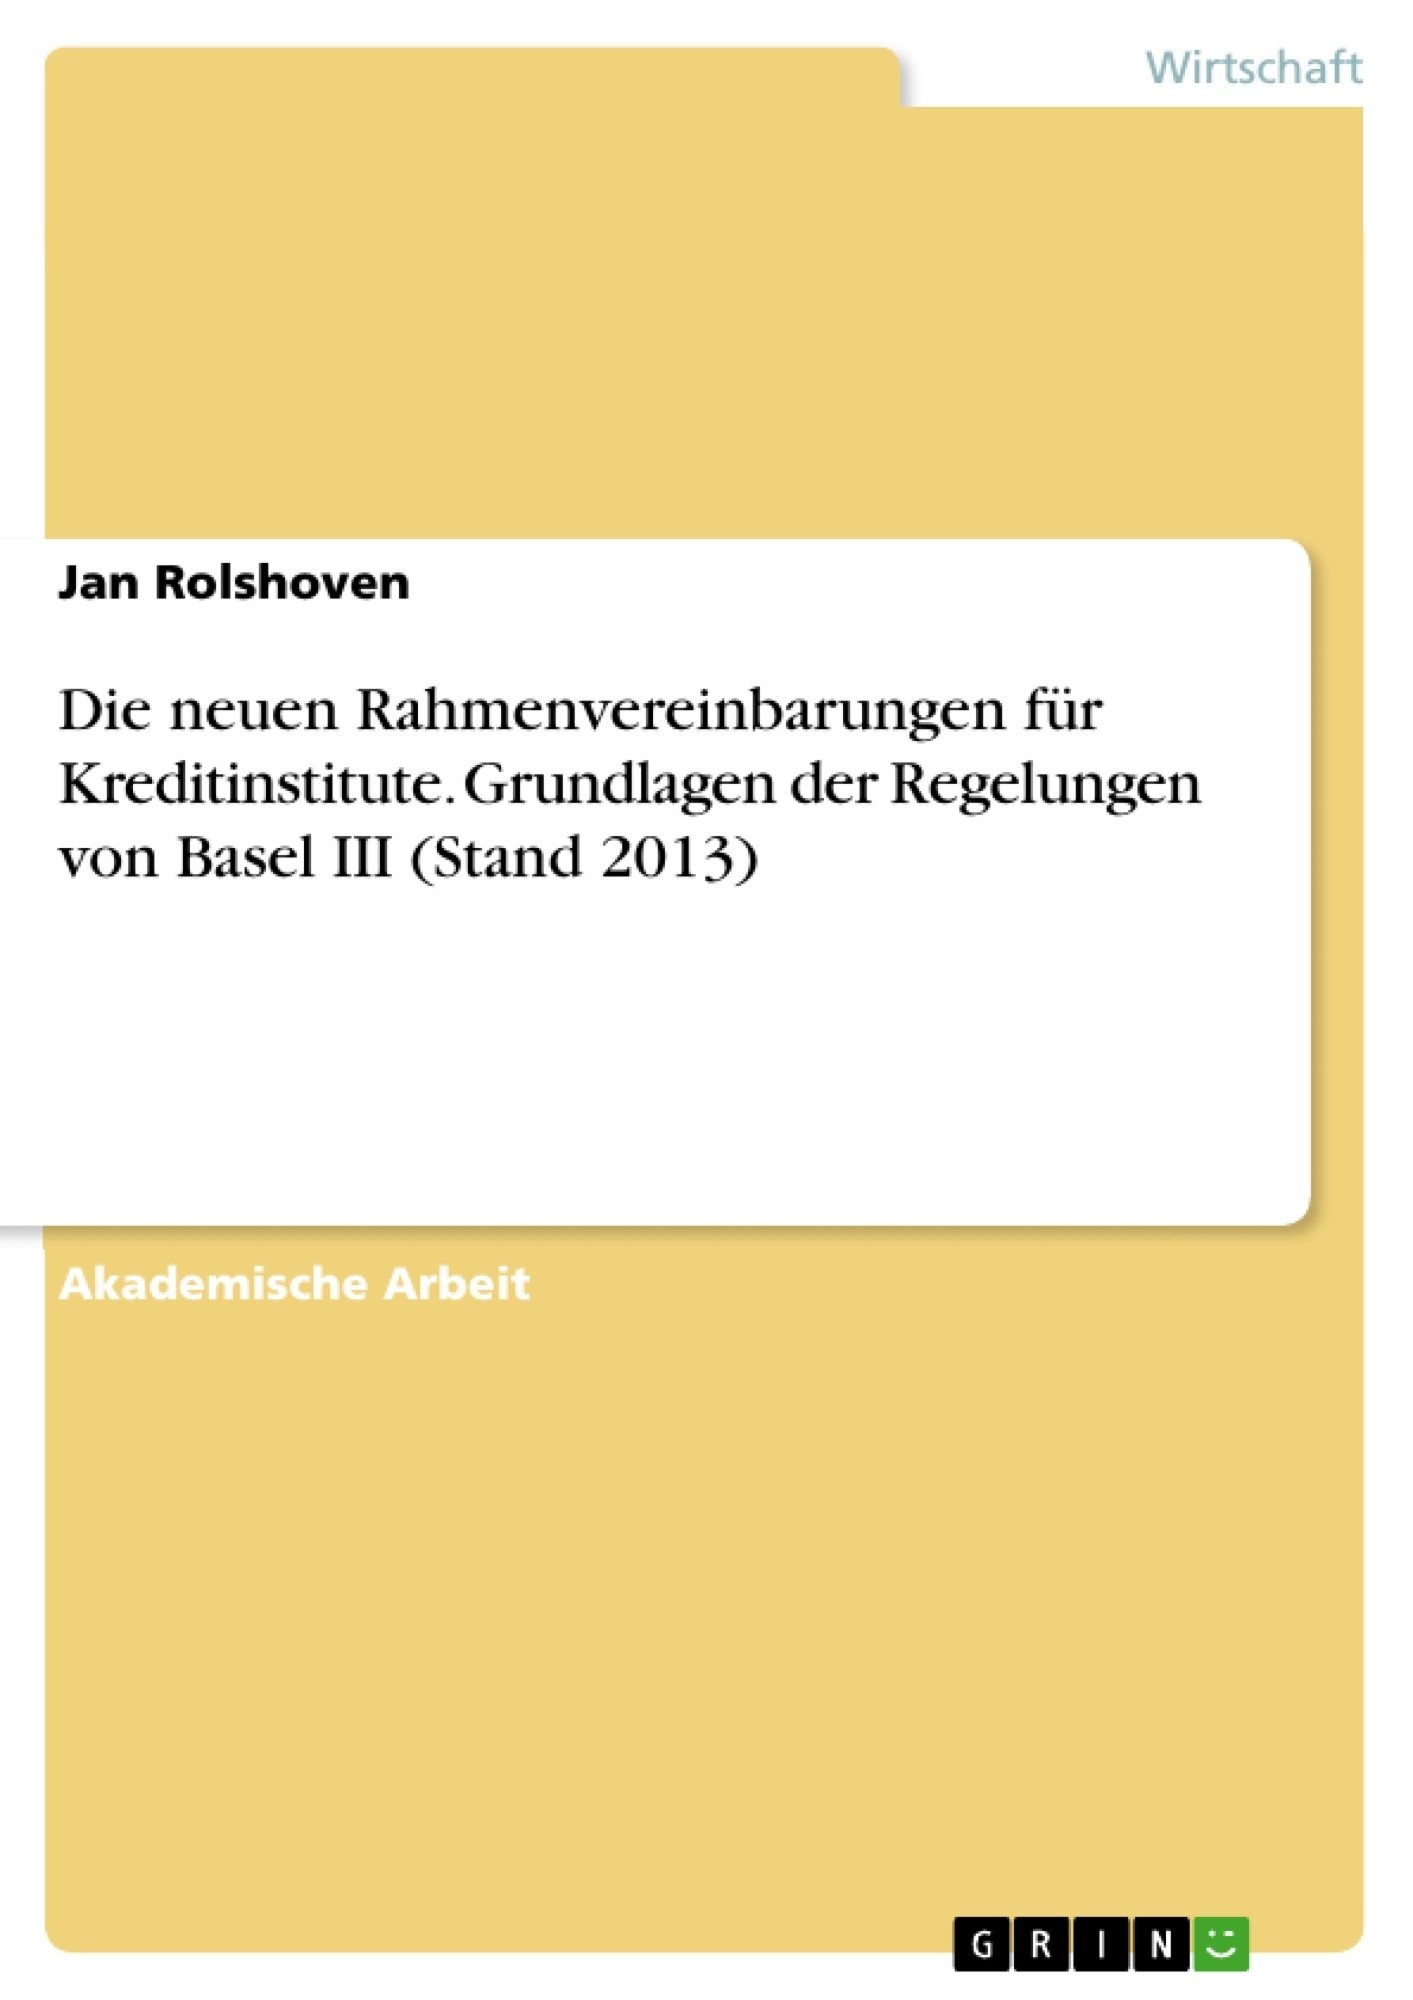 Titel: Die neuen Rahmenvereinbarungen für Kreditinstitute. Grundlagen der Regelungen von Basel III (Stand 2013)